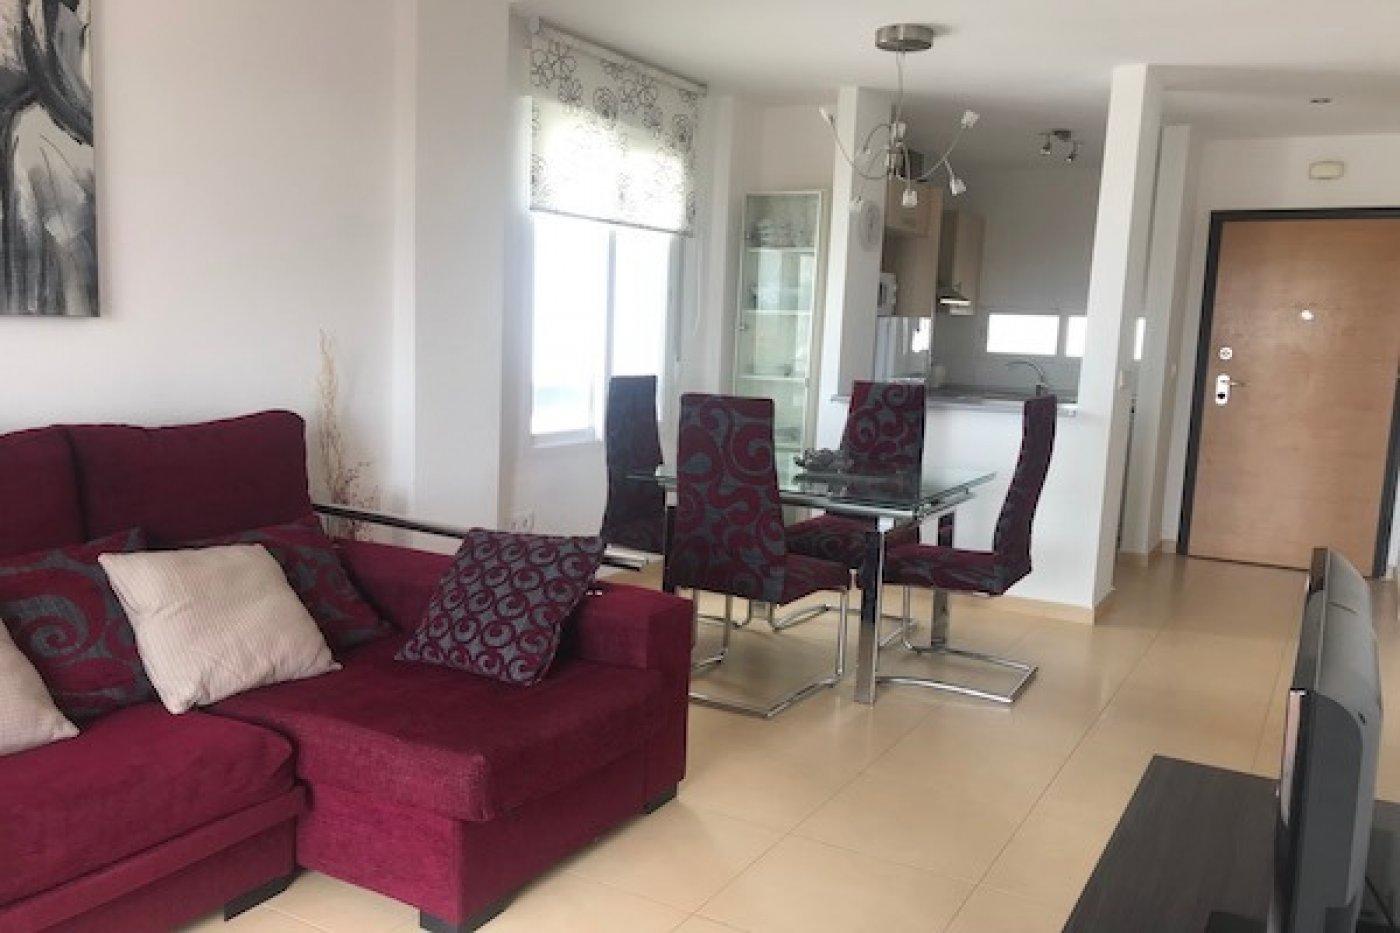 Image 1 Apartment ref 2875 for rent in Condado De Alhama Spain - Quality Homes Costa Cálida